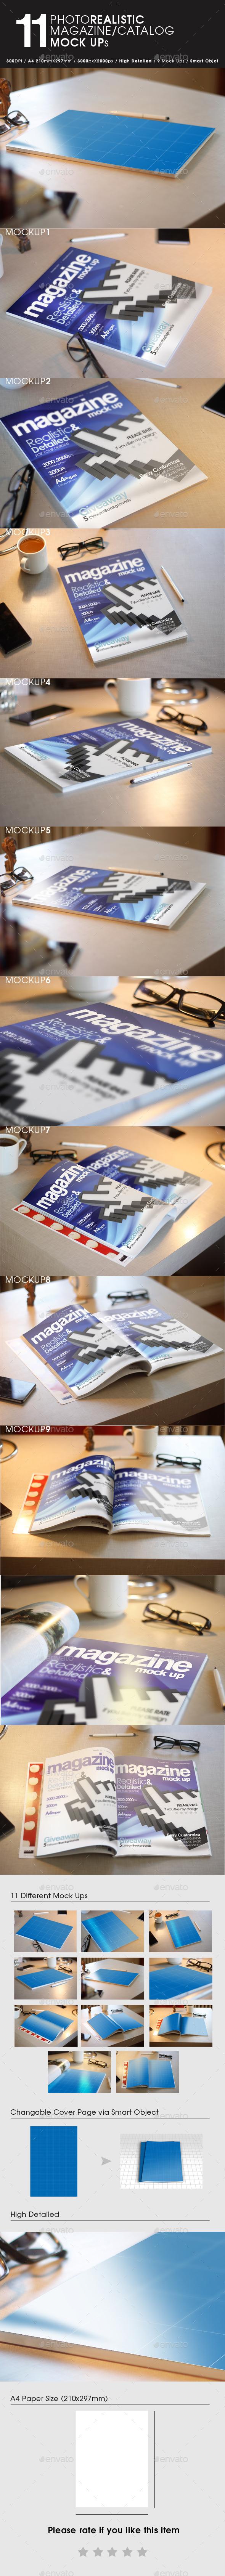 11 Photorealistic Magazine  Mock Up - Magazines Print